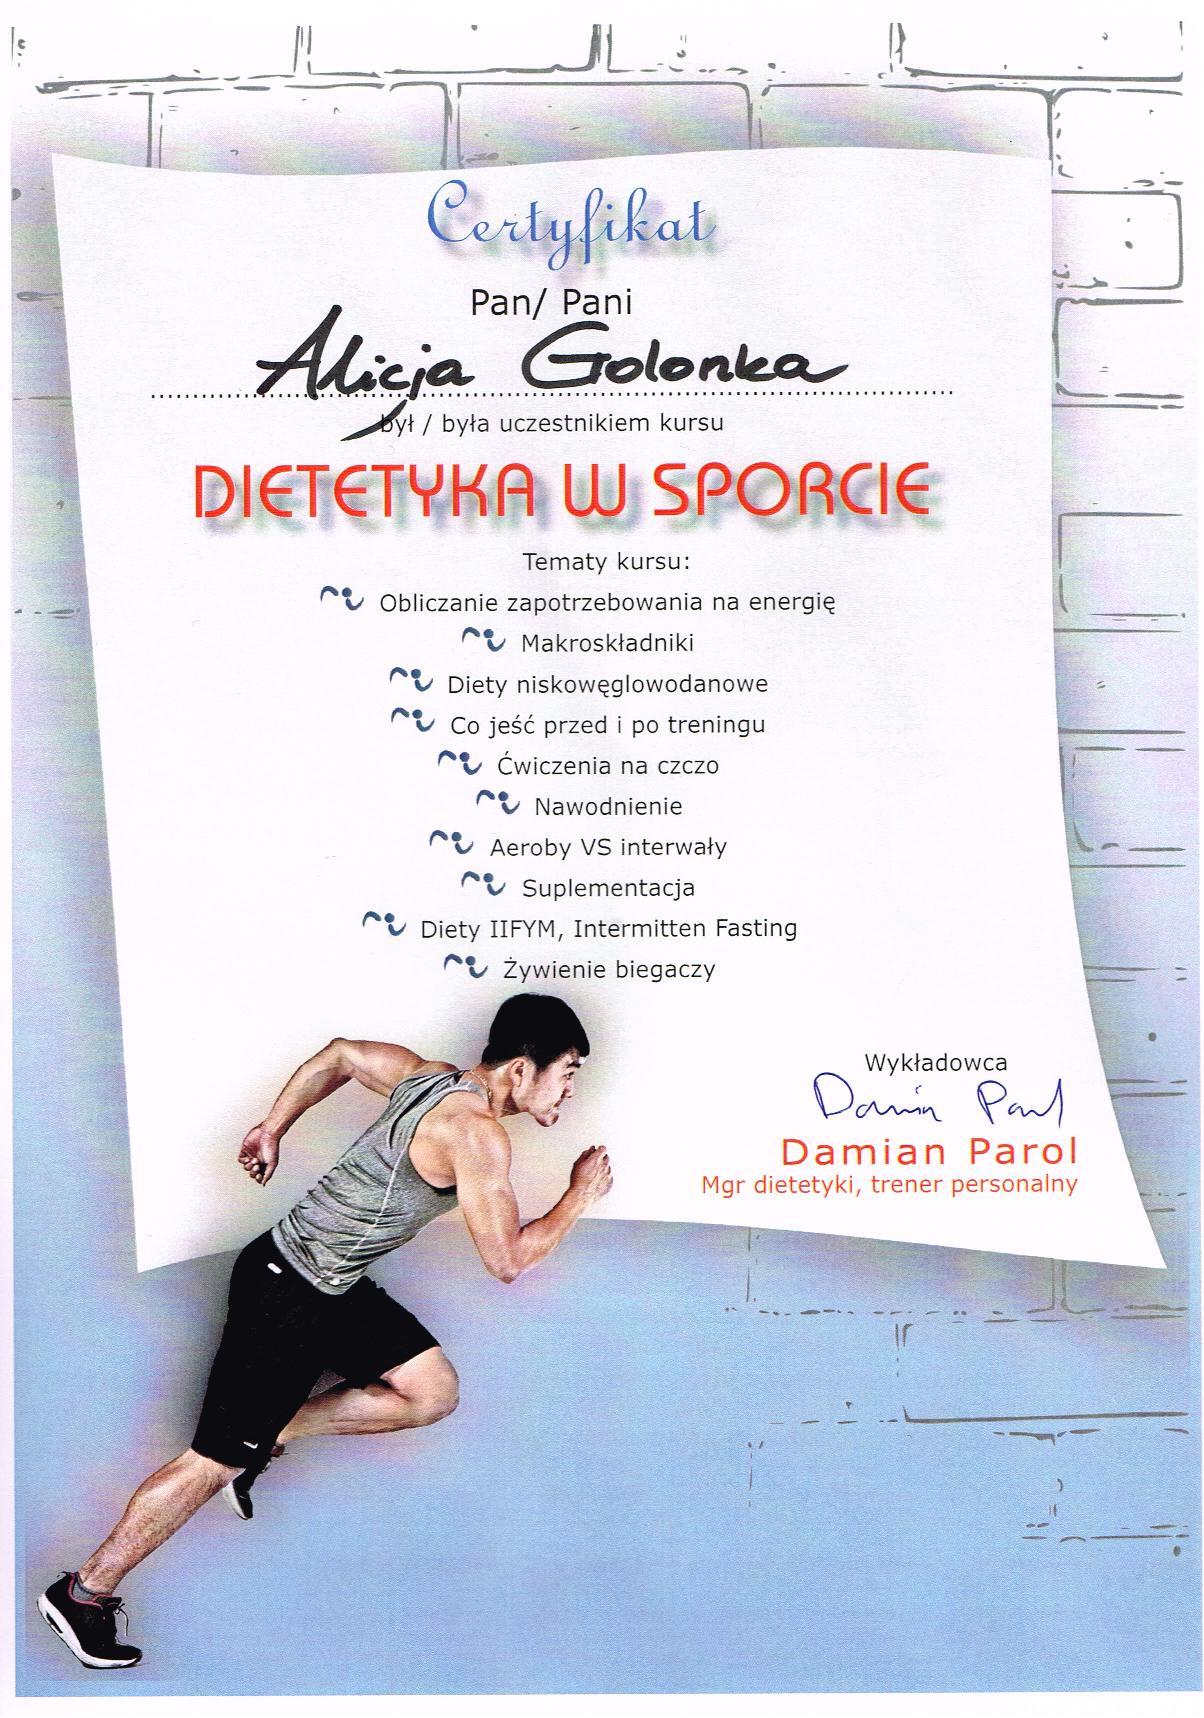 Dietetyka w sporcie dr Damian Parol